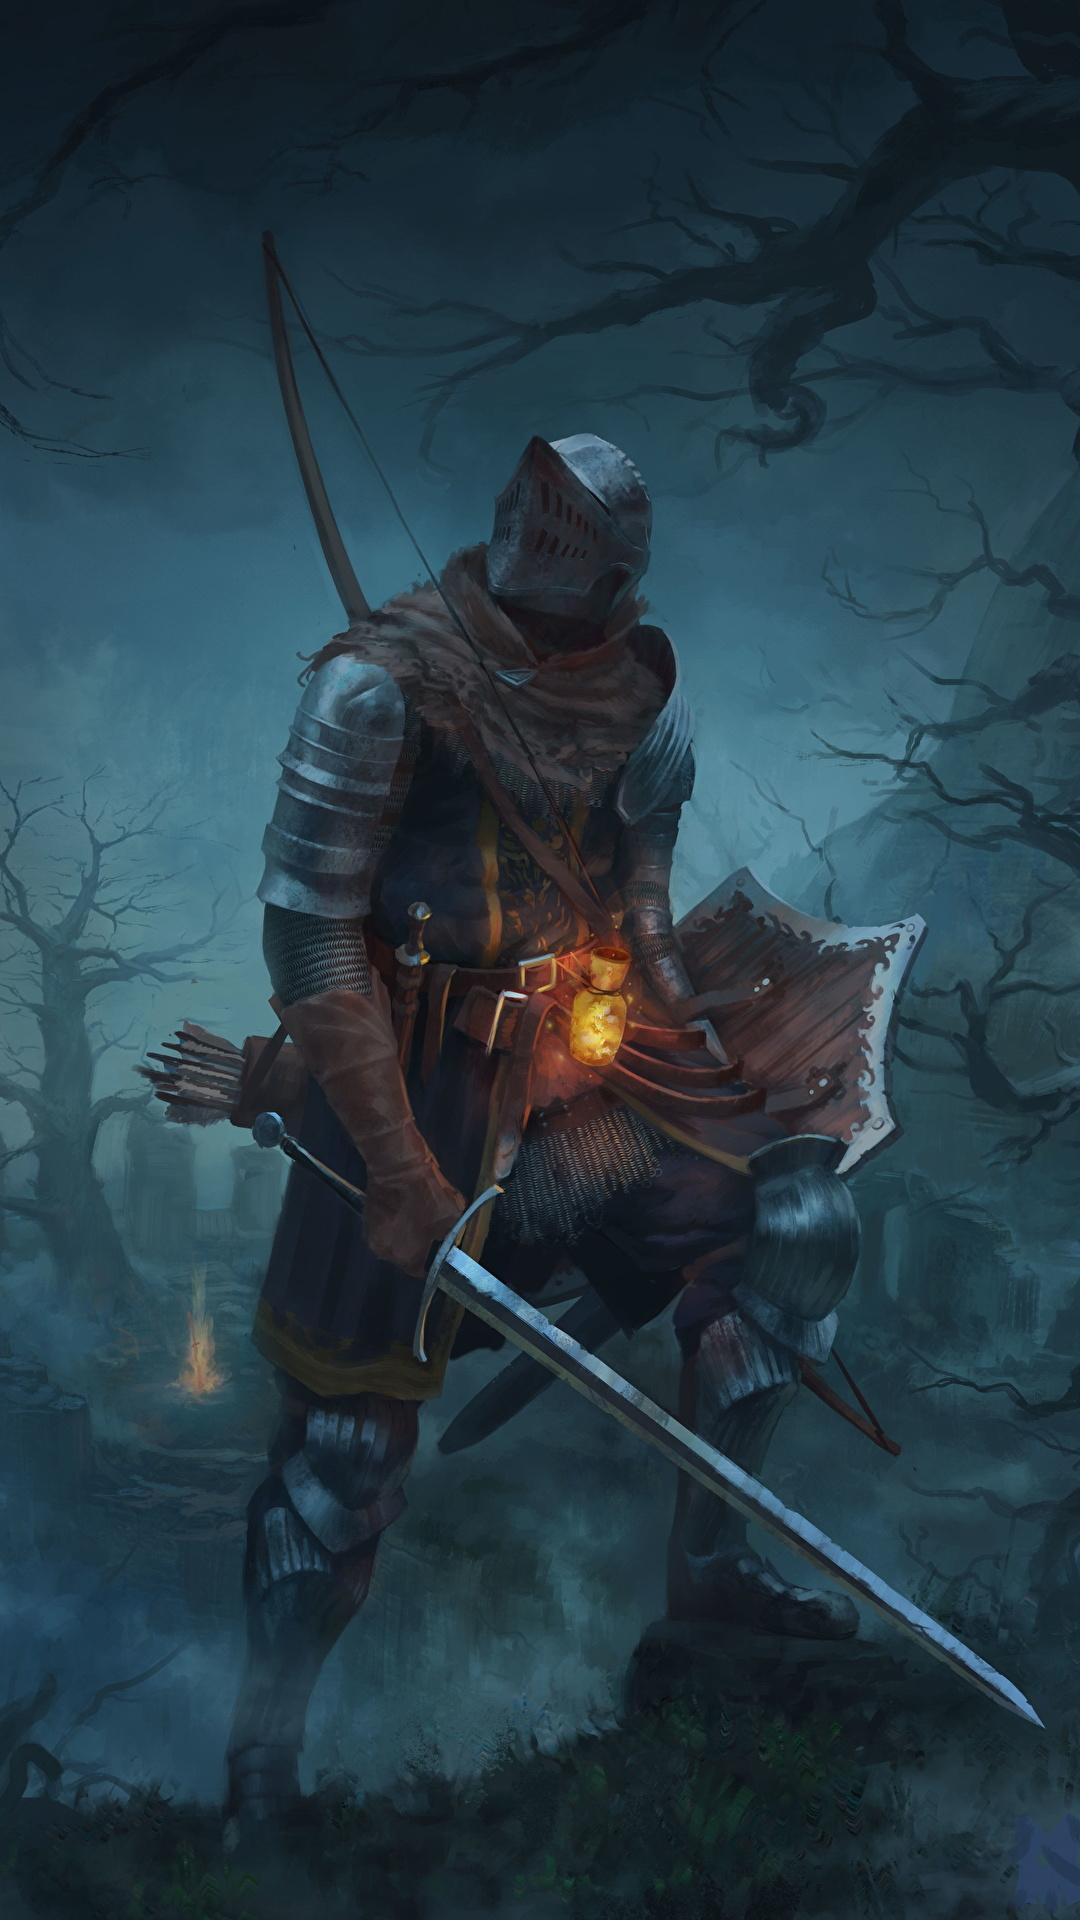 Wallpaper Dark Souls Armor Knight Swords Shield Fantasy 1080x1920